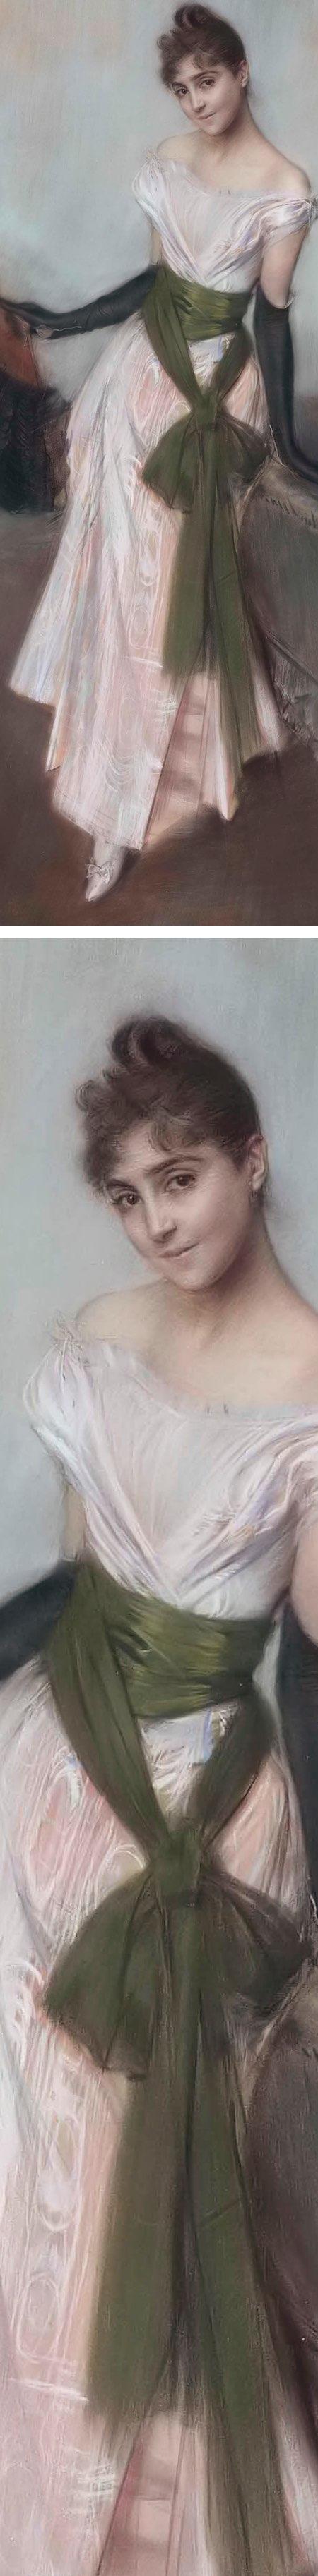 Signorina Concha de Ossa, Giovanni Boldini